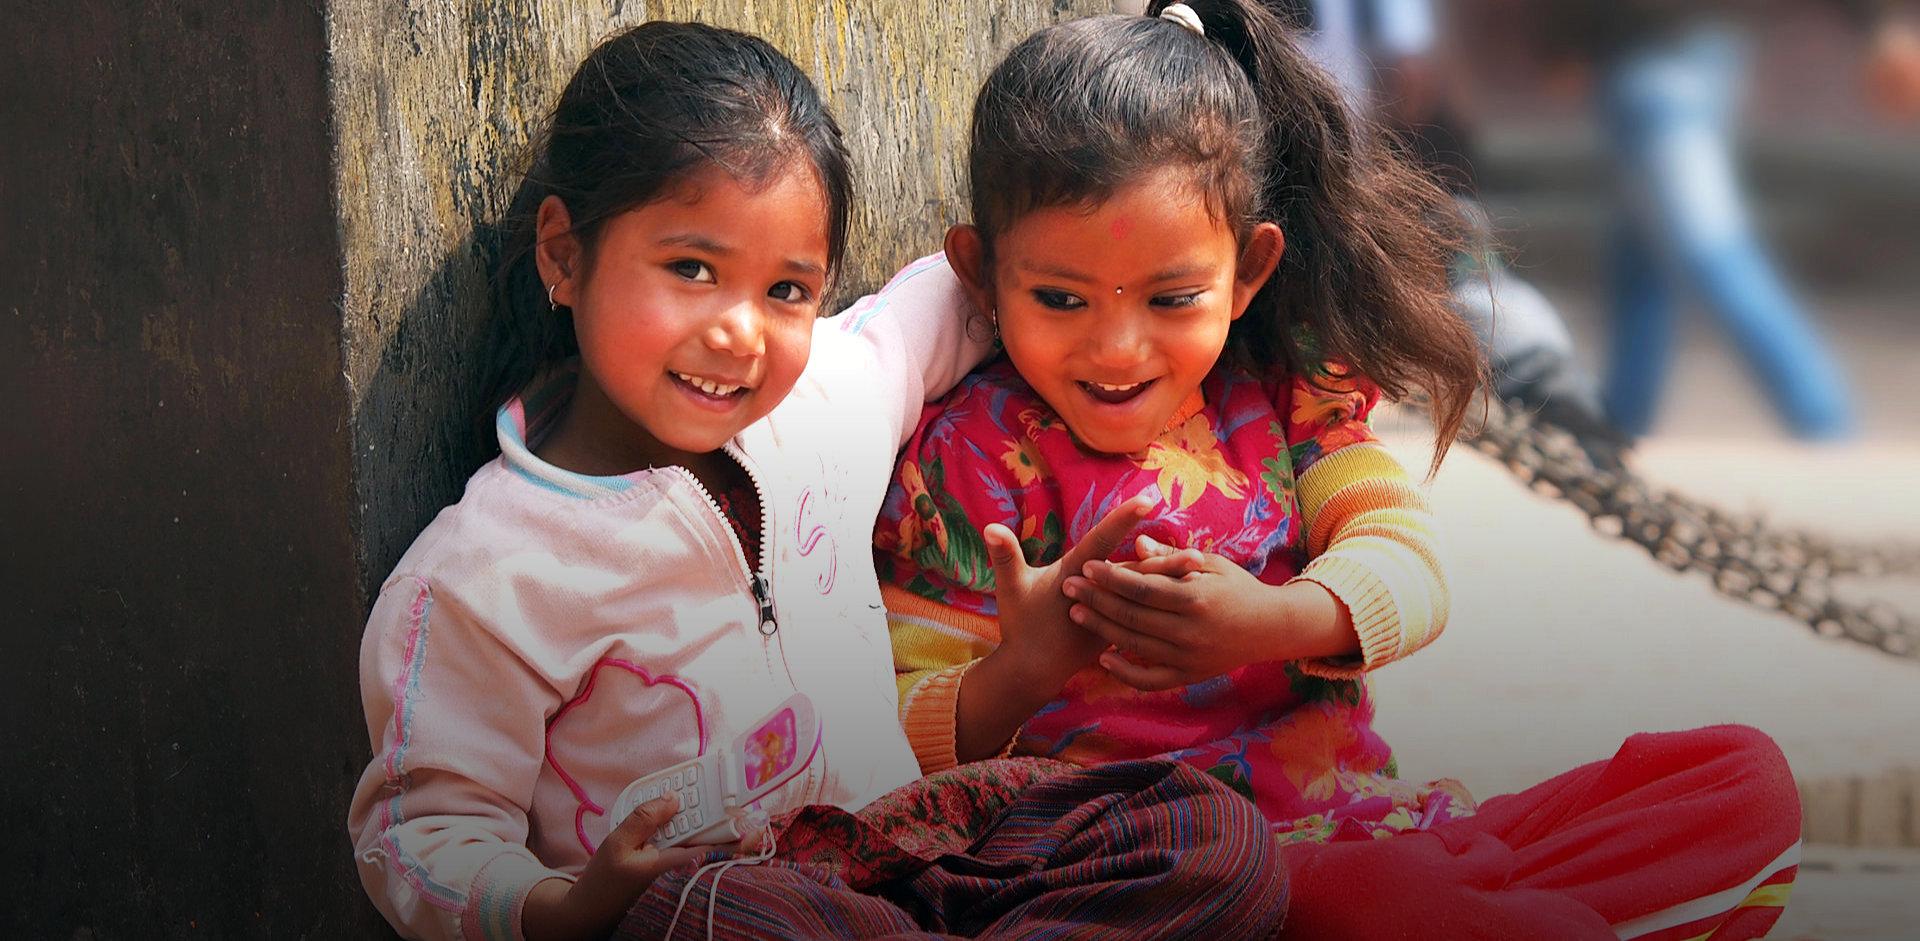 two lovely little girls smiling